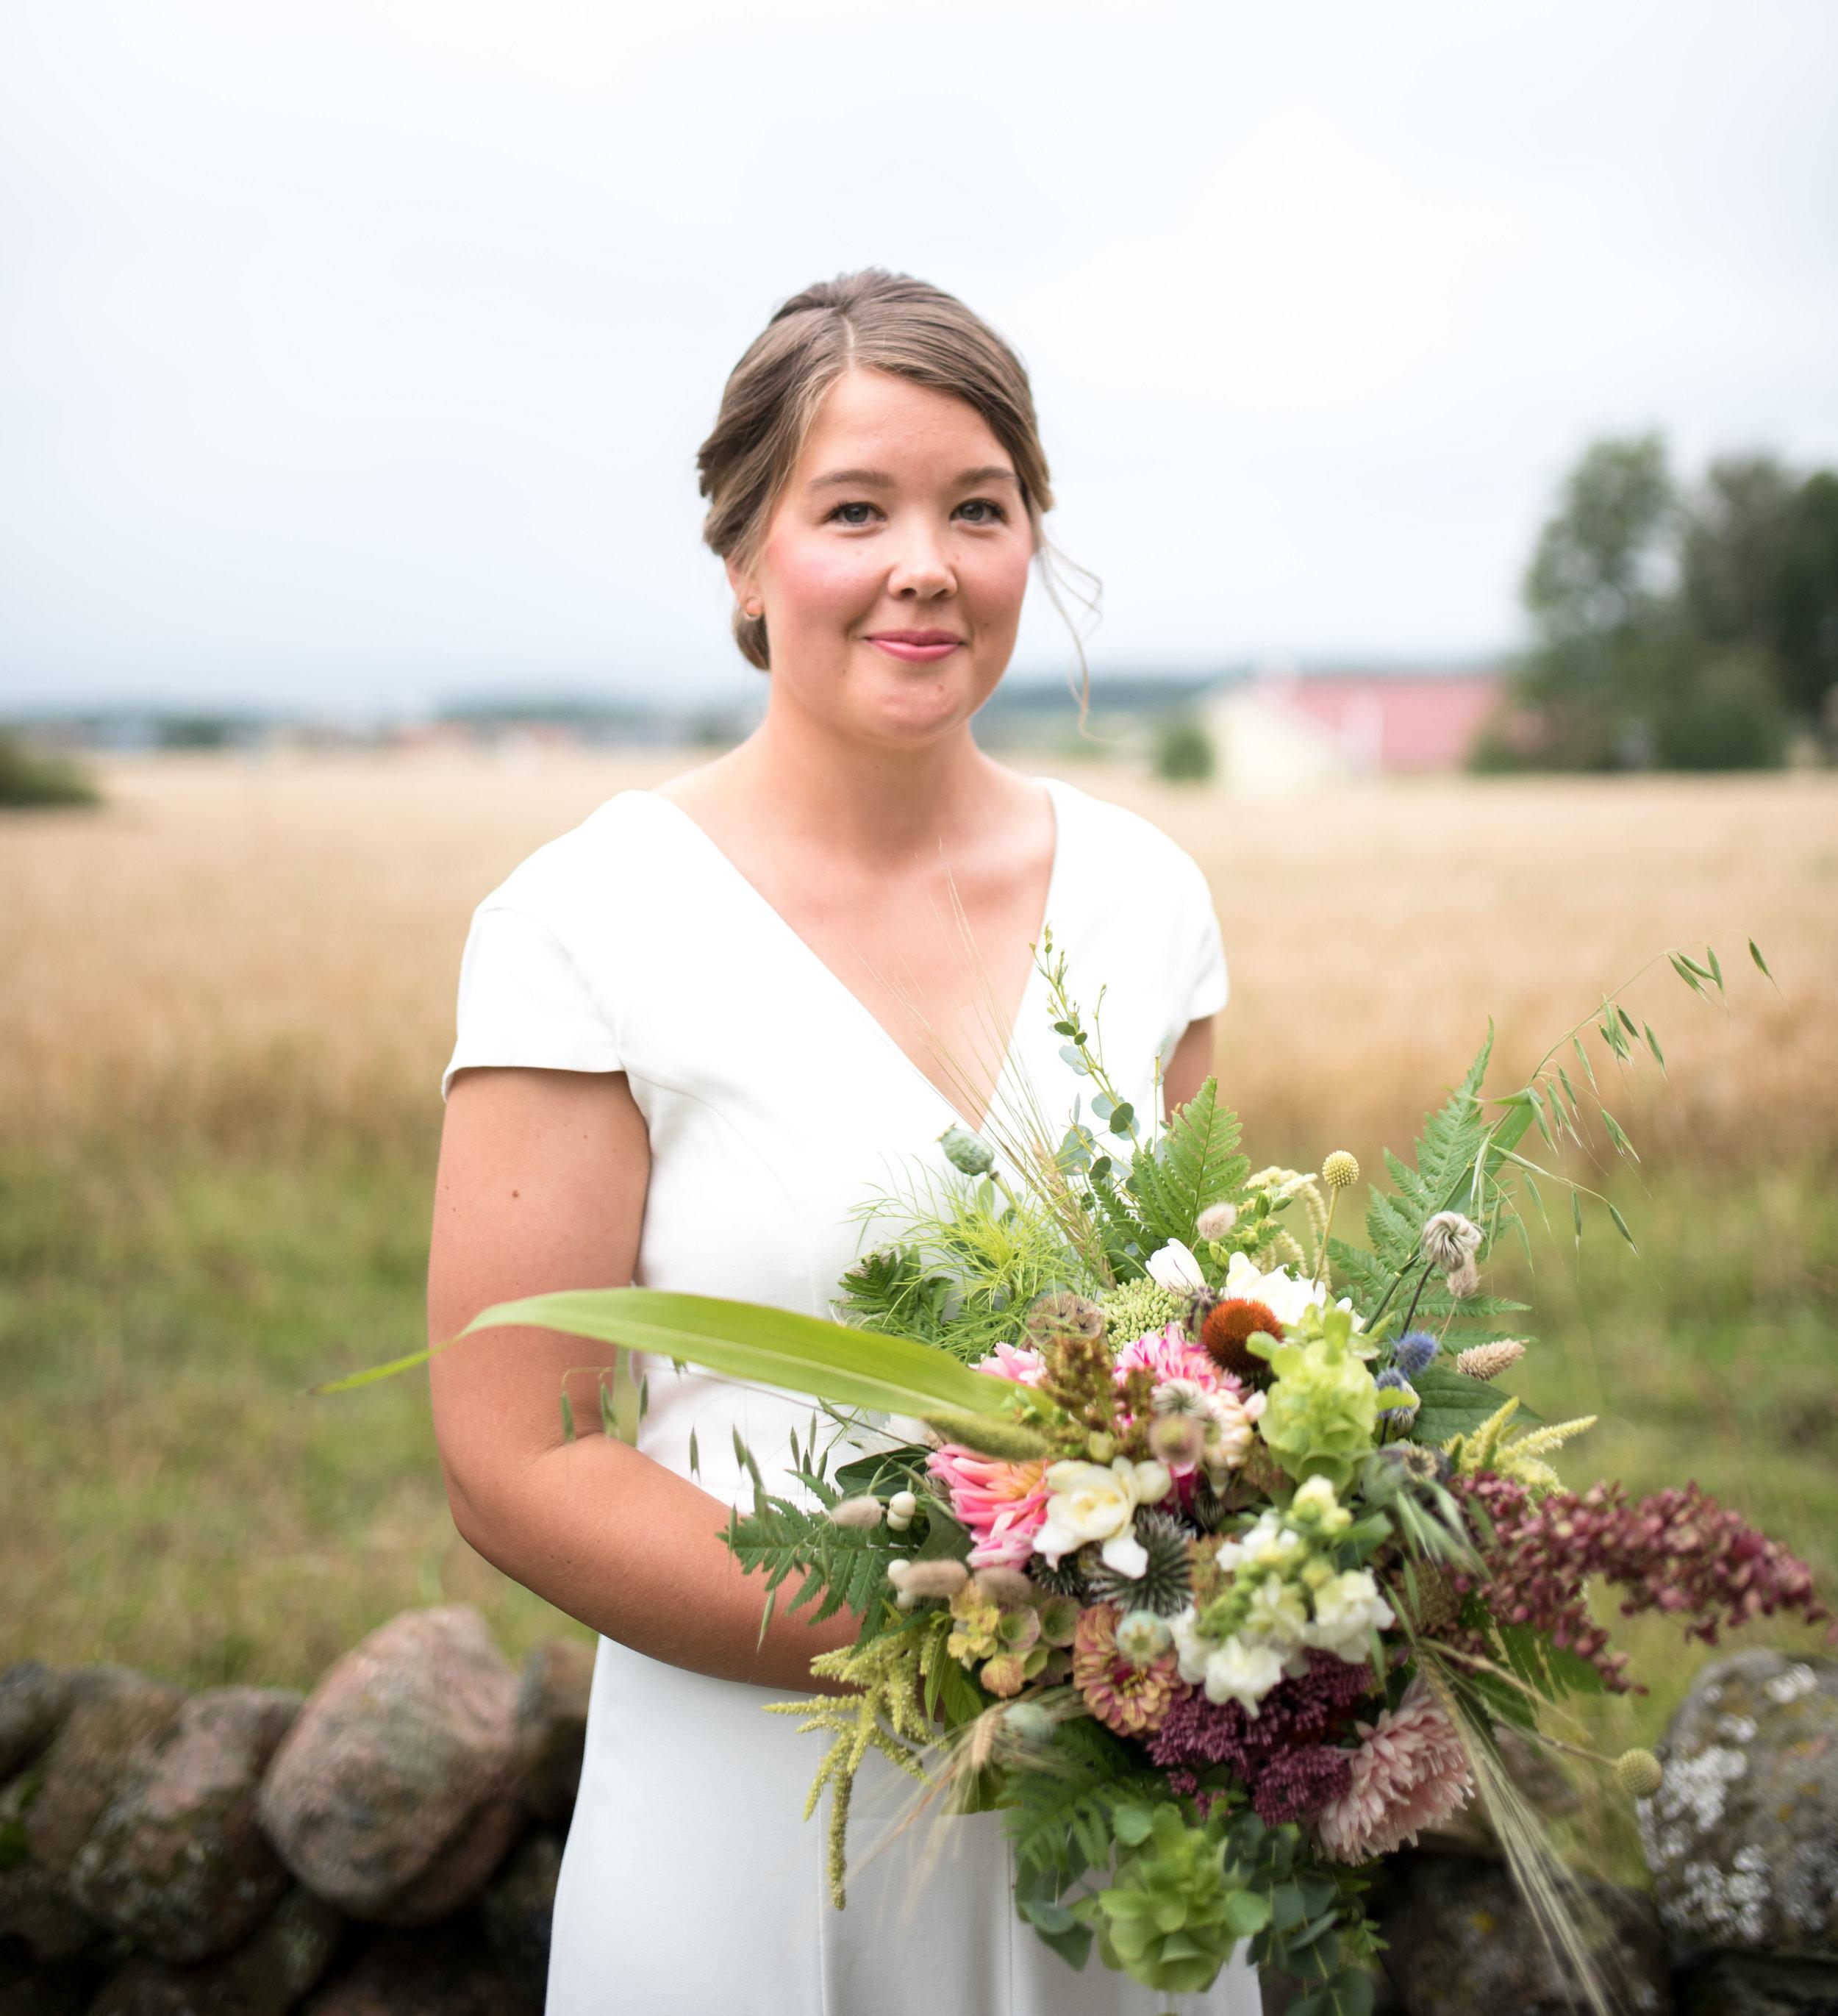 HJ_Bröllop2019_Bästa_Bilderna_Lågkvall-7024.jpg